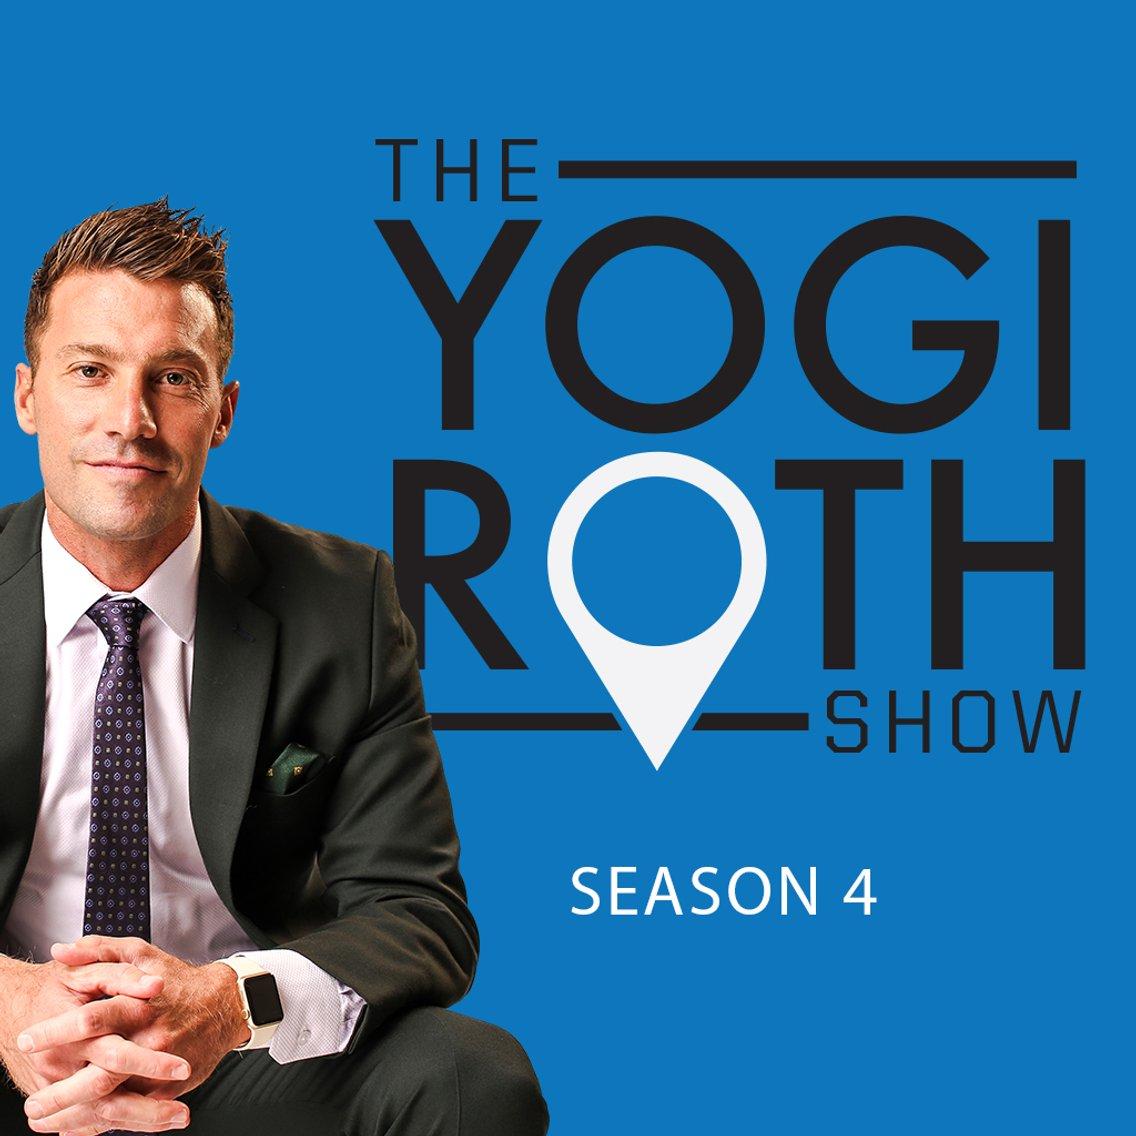 The Yogi Roth Show - imagen de portada